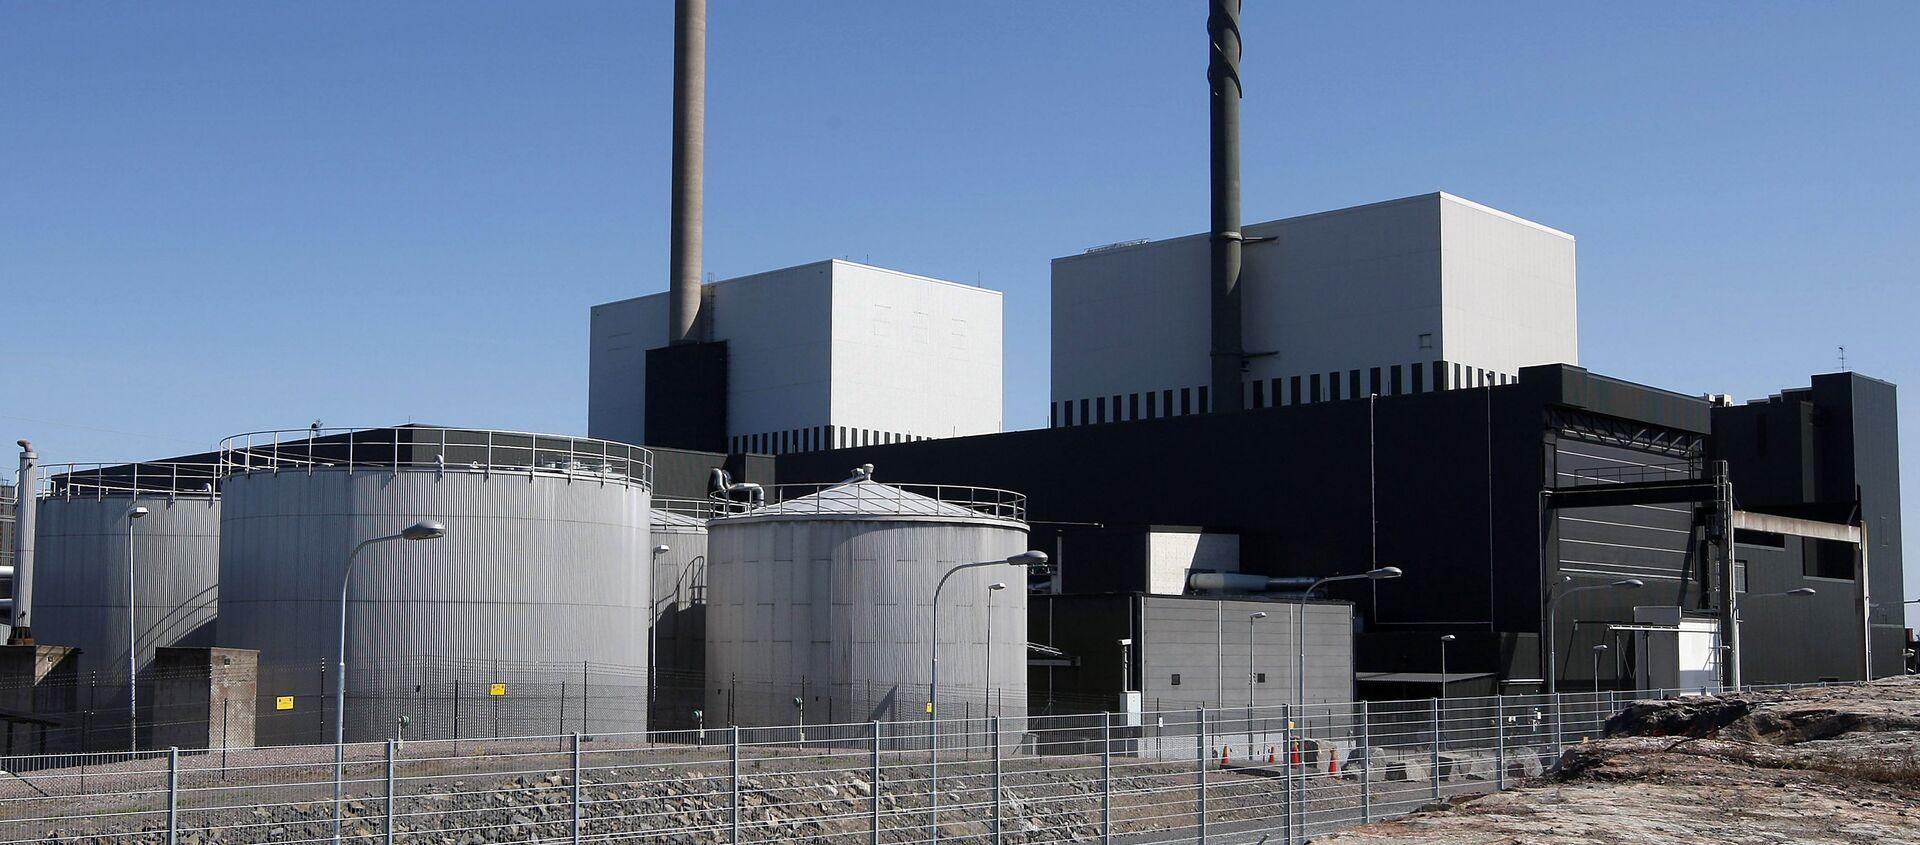 An exterior view of the Oskarshamn nuclear power plant in Oskarshamn, southeastern Sweden (File) - Sputnik International, 1920, 14.12.2020